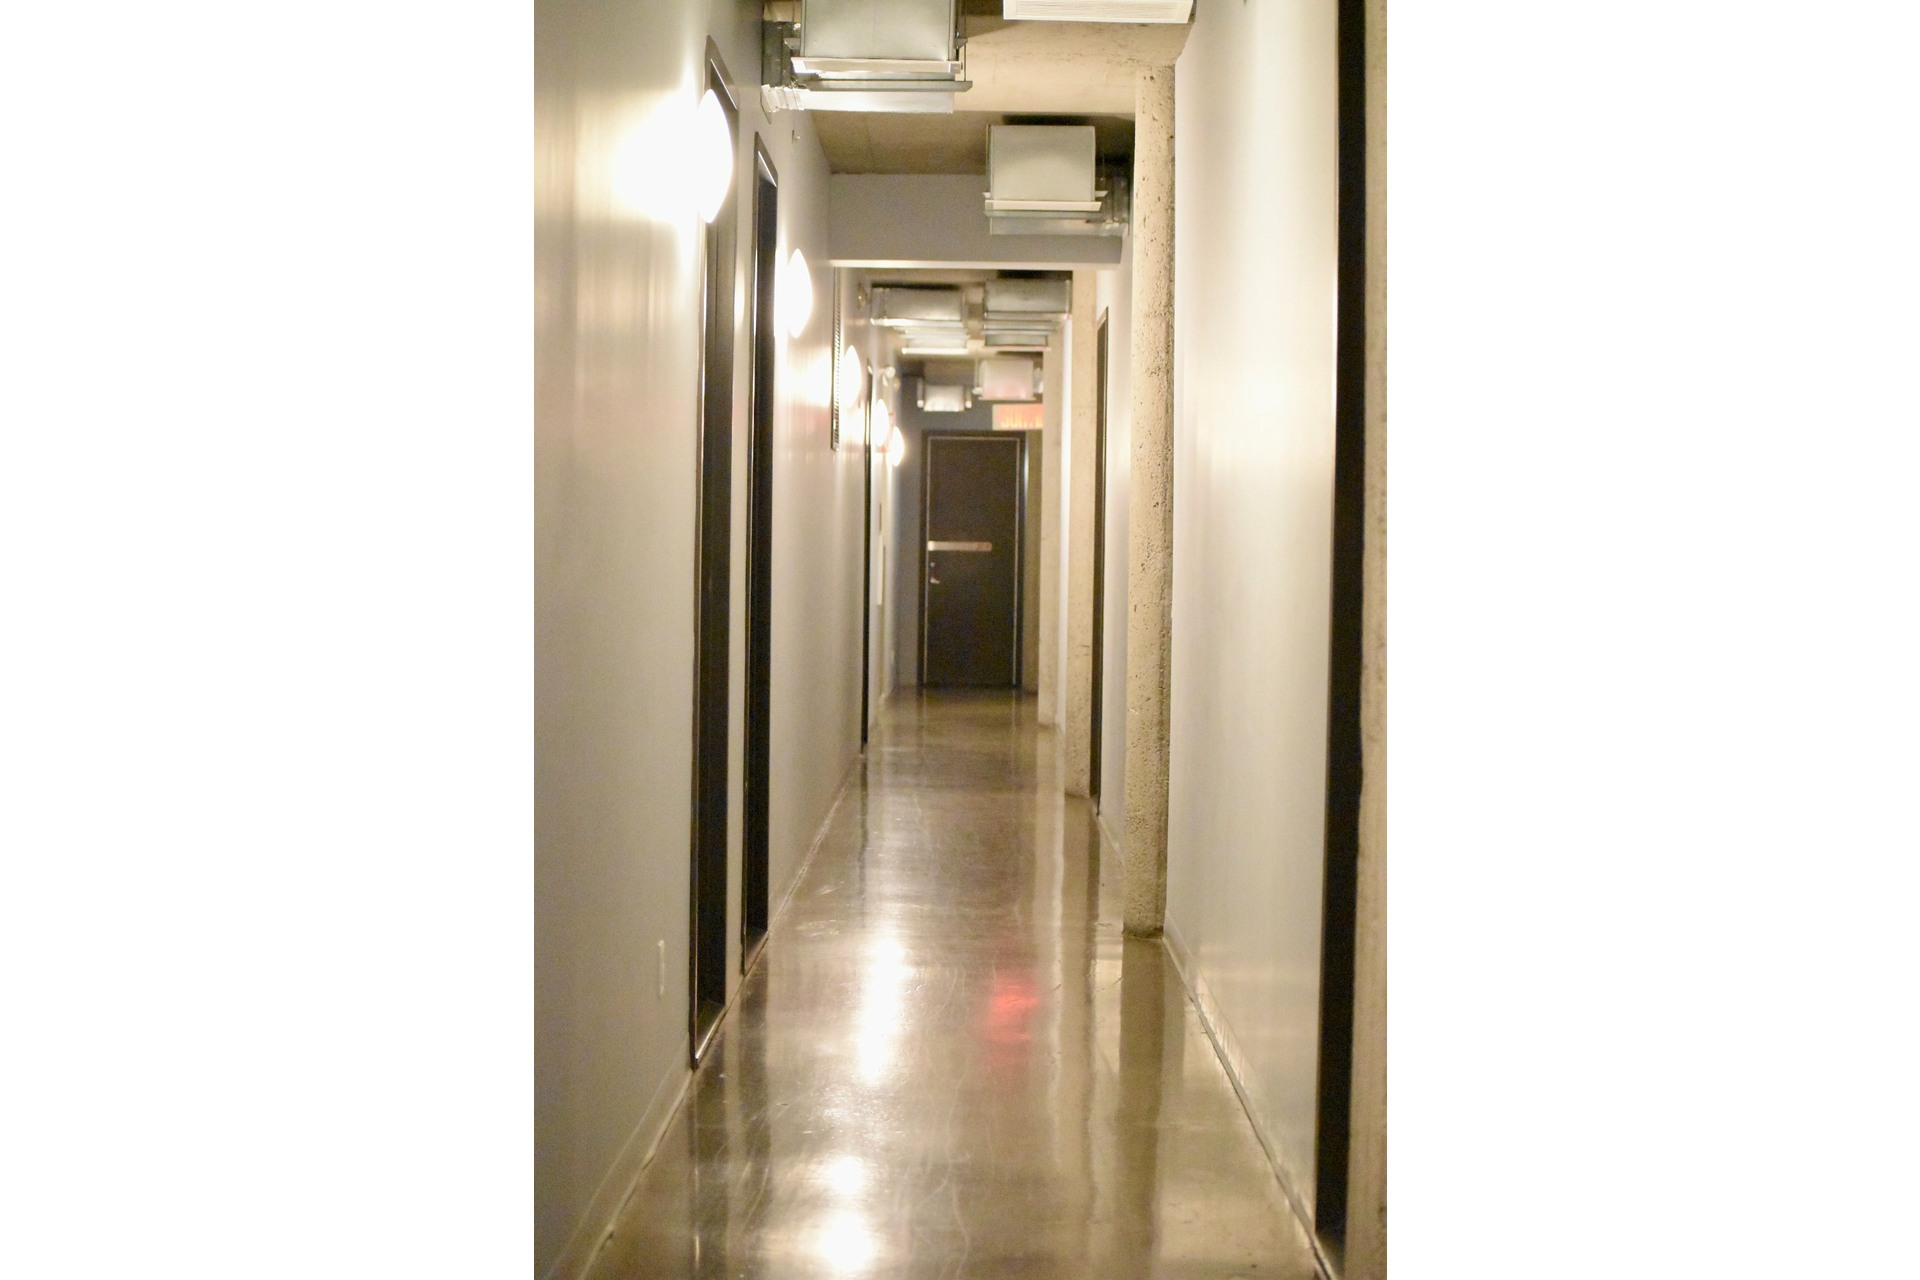 image 27 - Apartment For rent Villeray/Saint-Michel/Parc-Extension Montréal  - 5 rooms